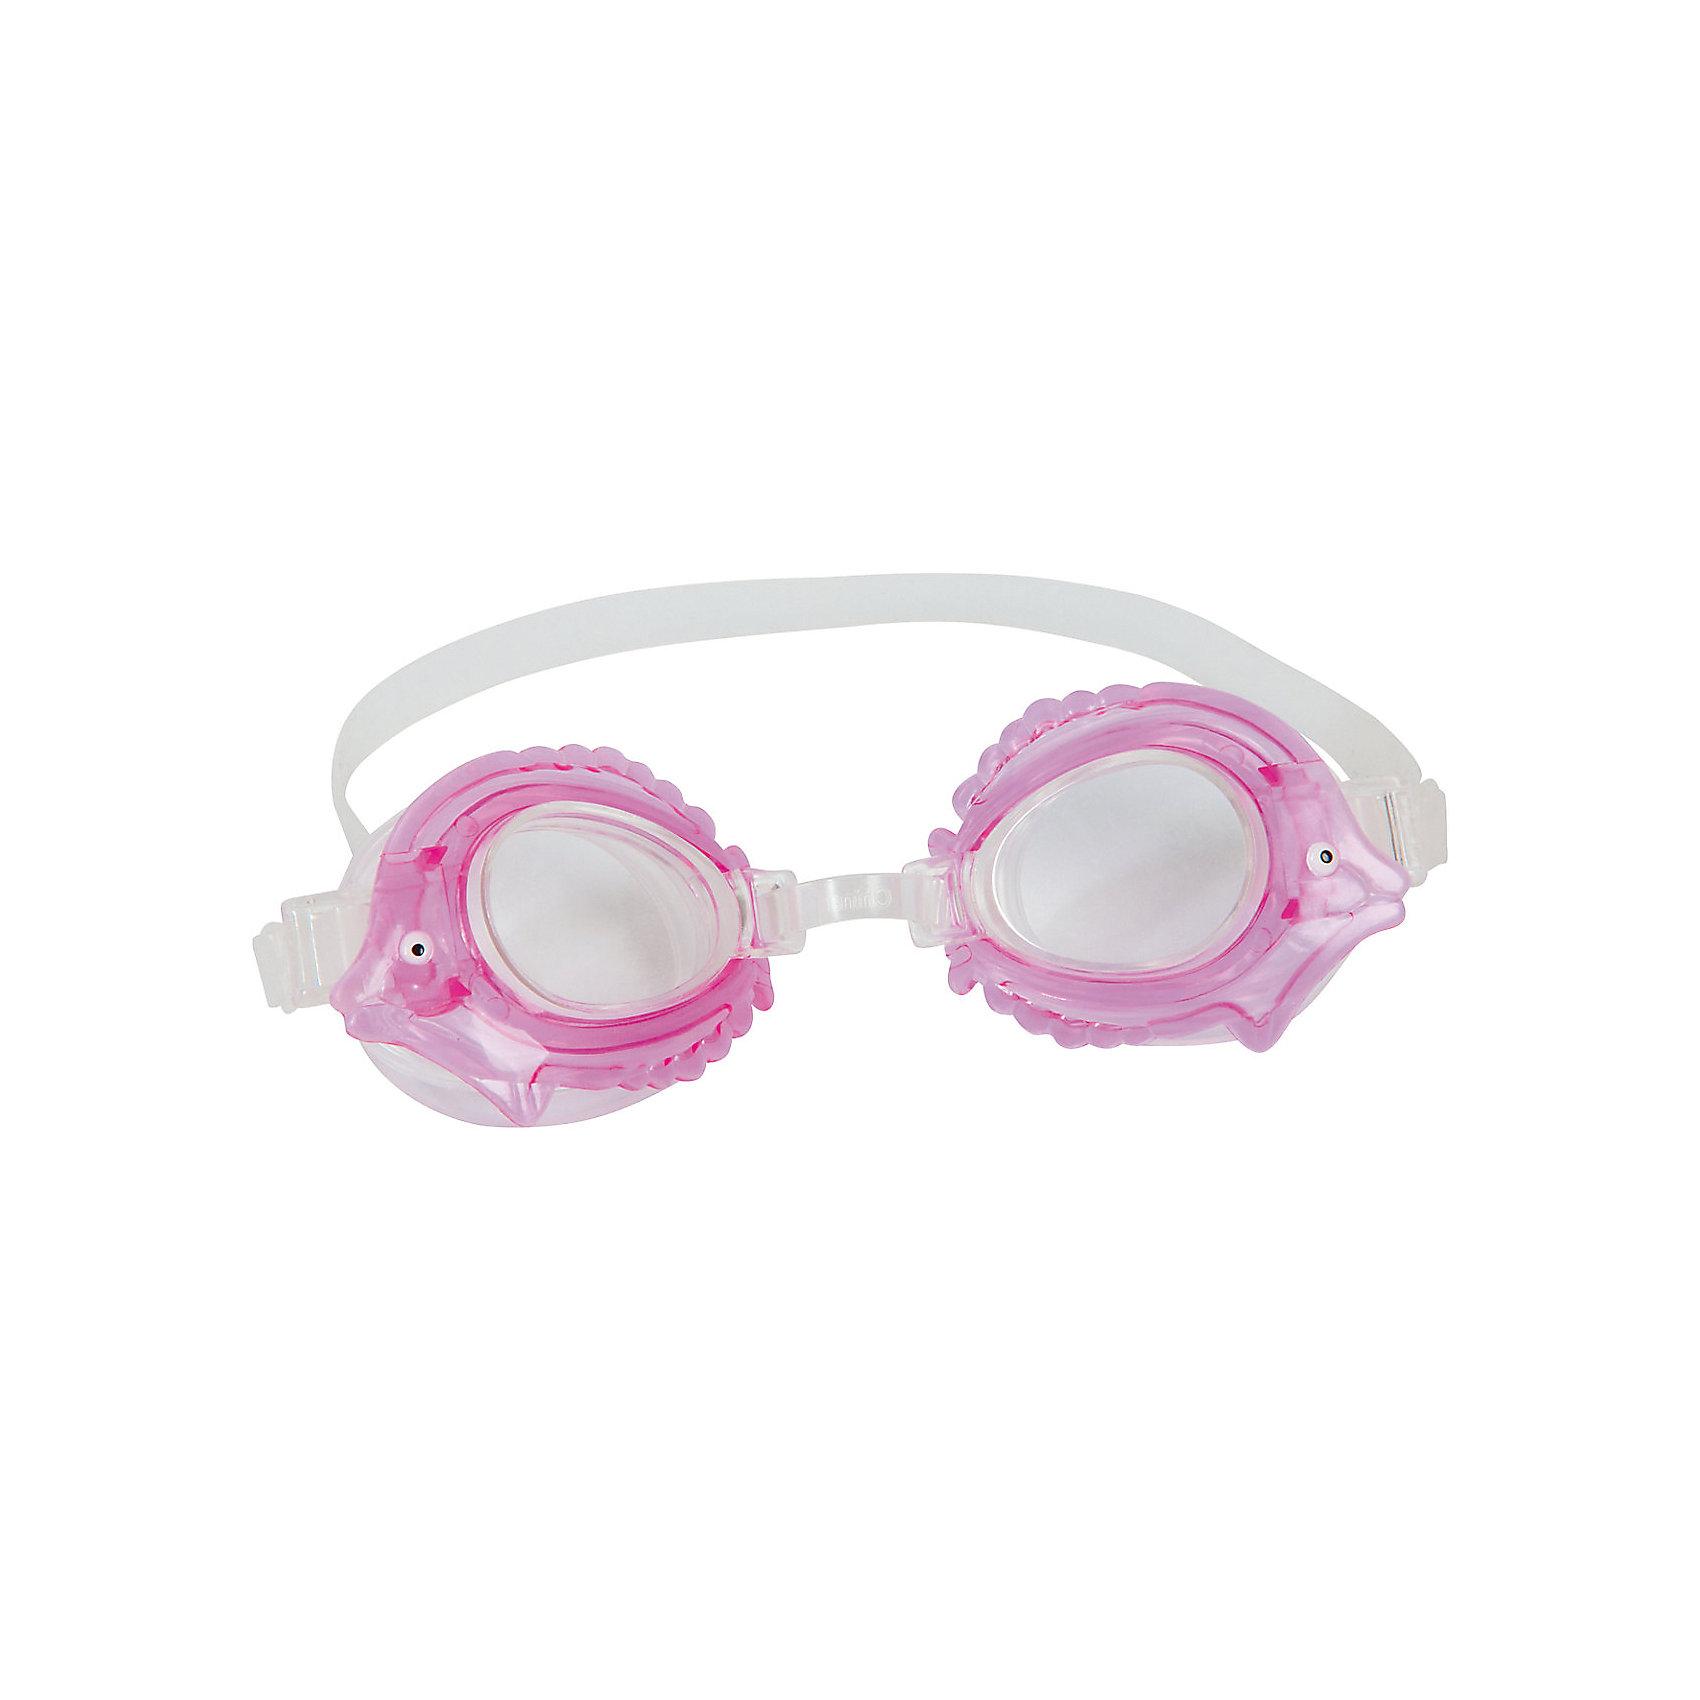 Очки для плавания детские, Bestway, розовыеДетские очки для плавания морские животные, Bestway, замечательно подойдут тем, кто только учится плавать. Очки выполнены в оригинальном дизайне в форме морских обитателей. Качественный ударопрочный материал не раздражает кожу и полностью безопасен для детского<br>здоровья. Очки оснащены линзами со специальным покрытием для предотвращения запотевания, плотно прилегают к лицу и надёжно фиксируются регулируемым ремешком. Оправа из гипоаллергенного и мягкого на ощупь термопластика обеспечивают комфорт во время использования. В ассортименте 4 дизайна в виде морских животных. Подходит для детей от 3 лет.<br><br>Дополнительная информация:<br><br>- Материал: поликарбонат, резина/латекс.<br>- Размер упаковки: 20 х 10 х 3 см.<br>- Вес: 17 гр.<br><br>Очки для плавания детские, морские животные в ассортименте, Bestway, можно купить в нашем интернет-магазине.<br><br>ВНИМАНИЕ! Данный артикул имеется в наличии в разных вариантах исполнения. Заранее выбрать определенный вариант нельзя. При заказе нескольких наборов возможно получение одинаковых.<br><br>Ширина мм: 205<br>Глубина мм: 168<br>Высота мм: 36<br>Вес г: 72<br>Возраст от месяцев: 36<br>Возраст до месяцев: 2147483647<br>Пол: Унисекс<br>Возраст: Детский<br>SKU: 4980620